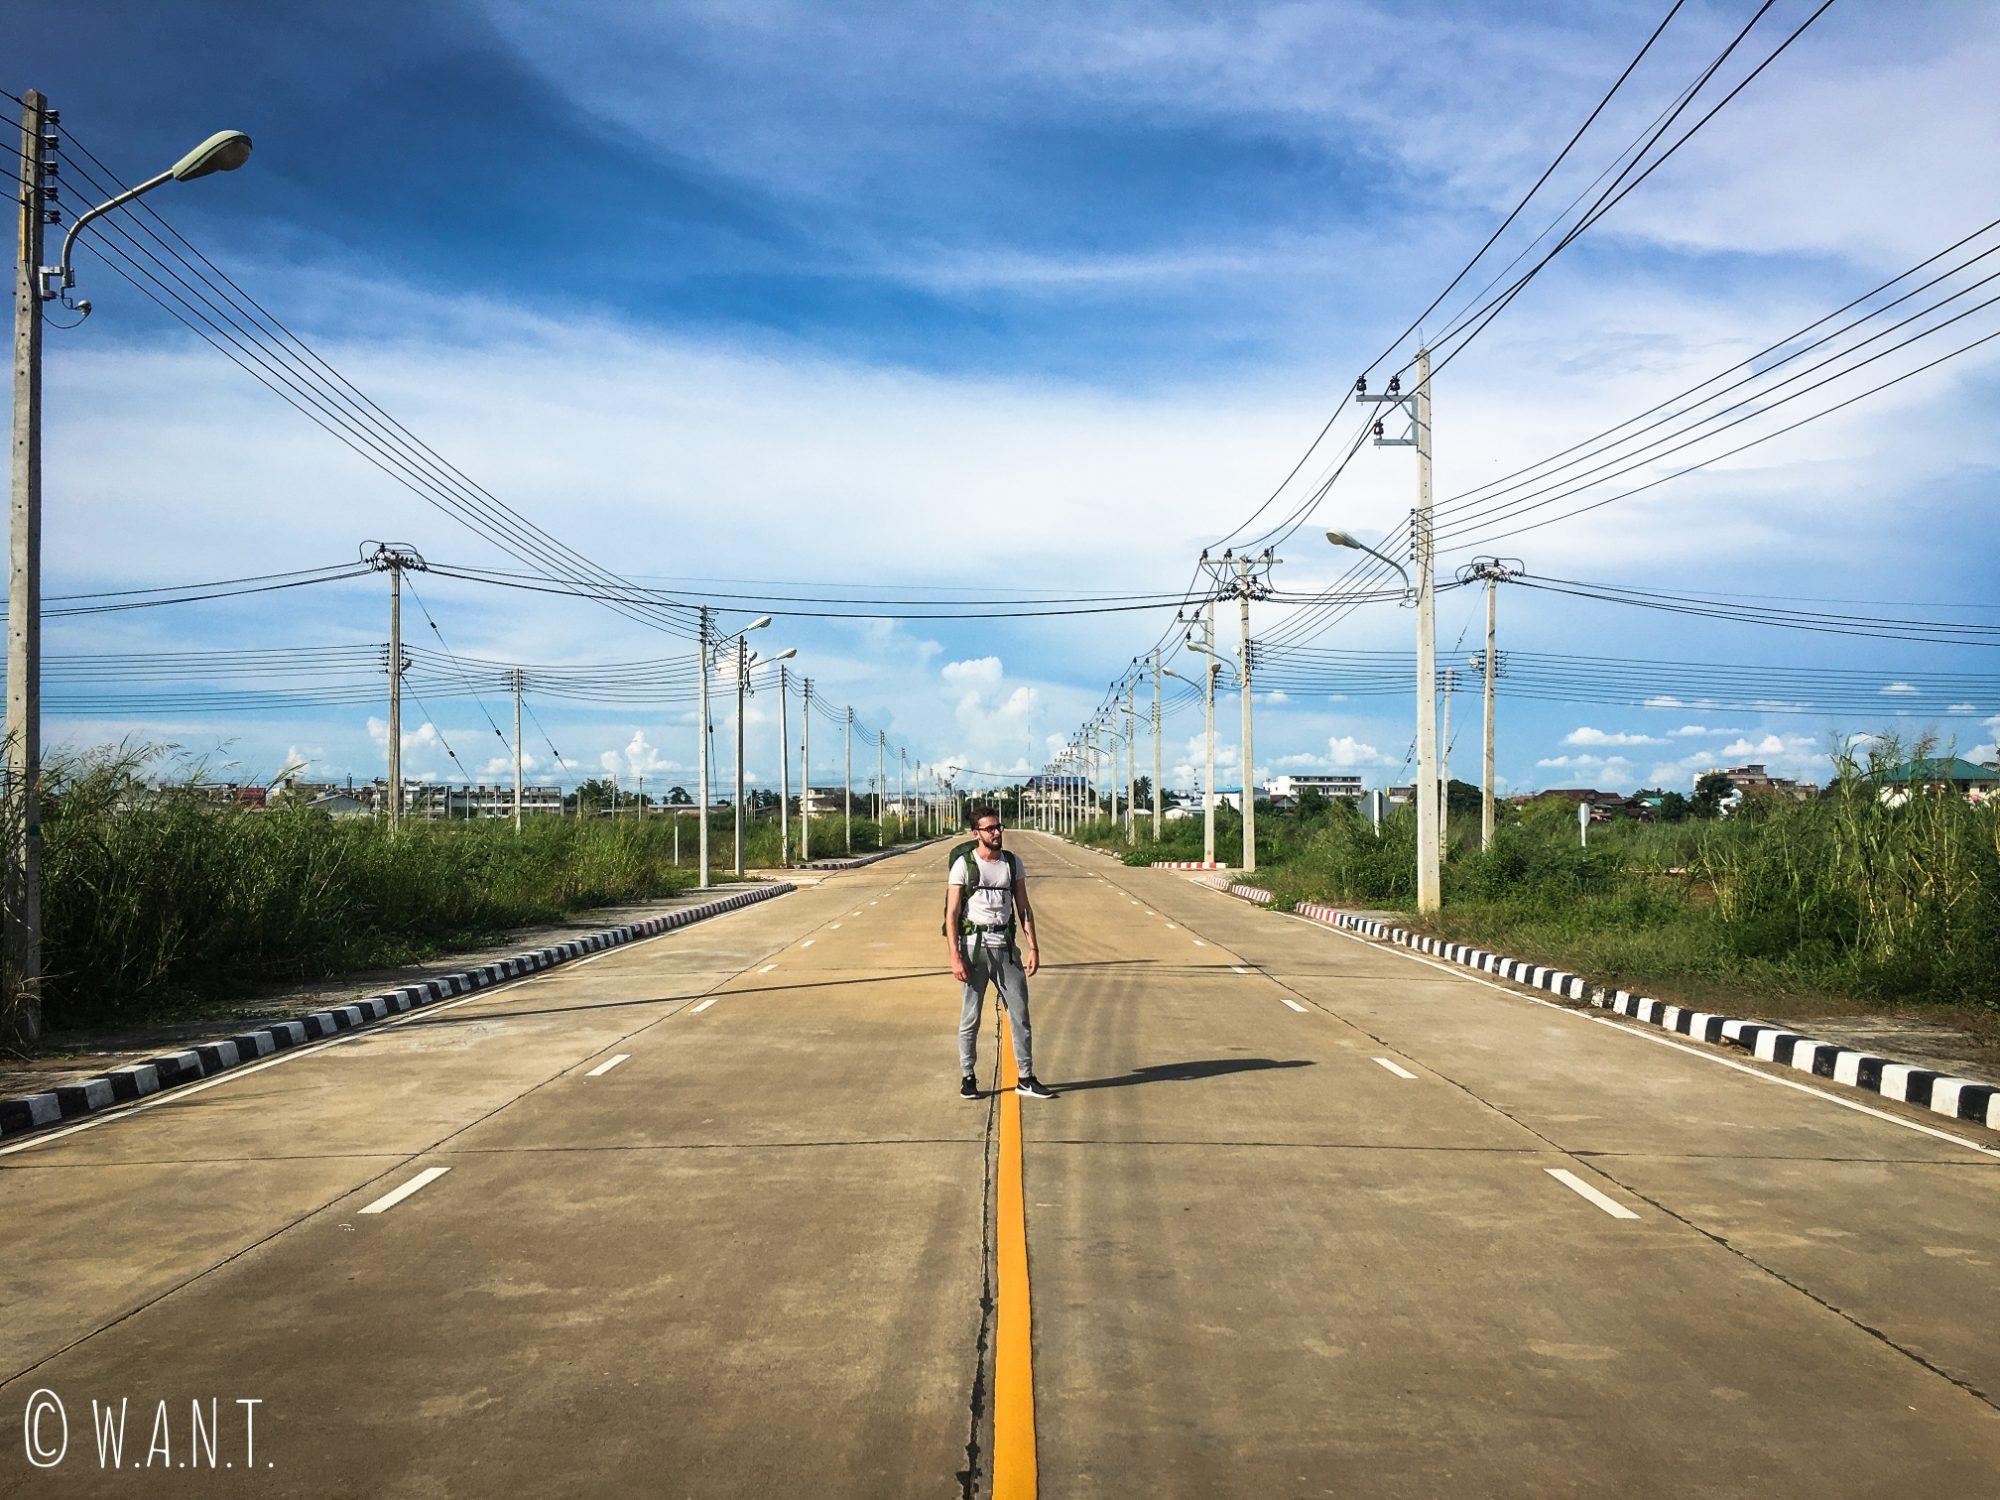 Thomas sur la route déserte de la gare de bus de Sukhothai